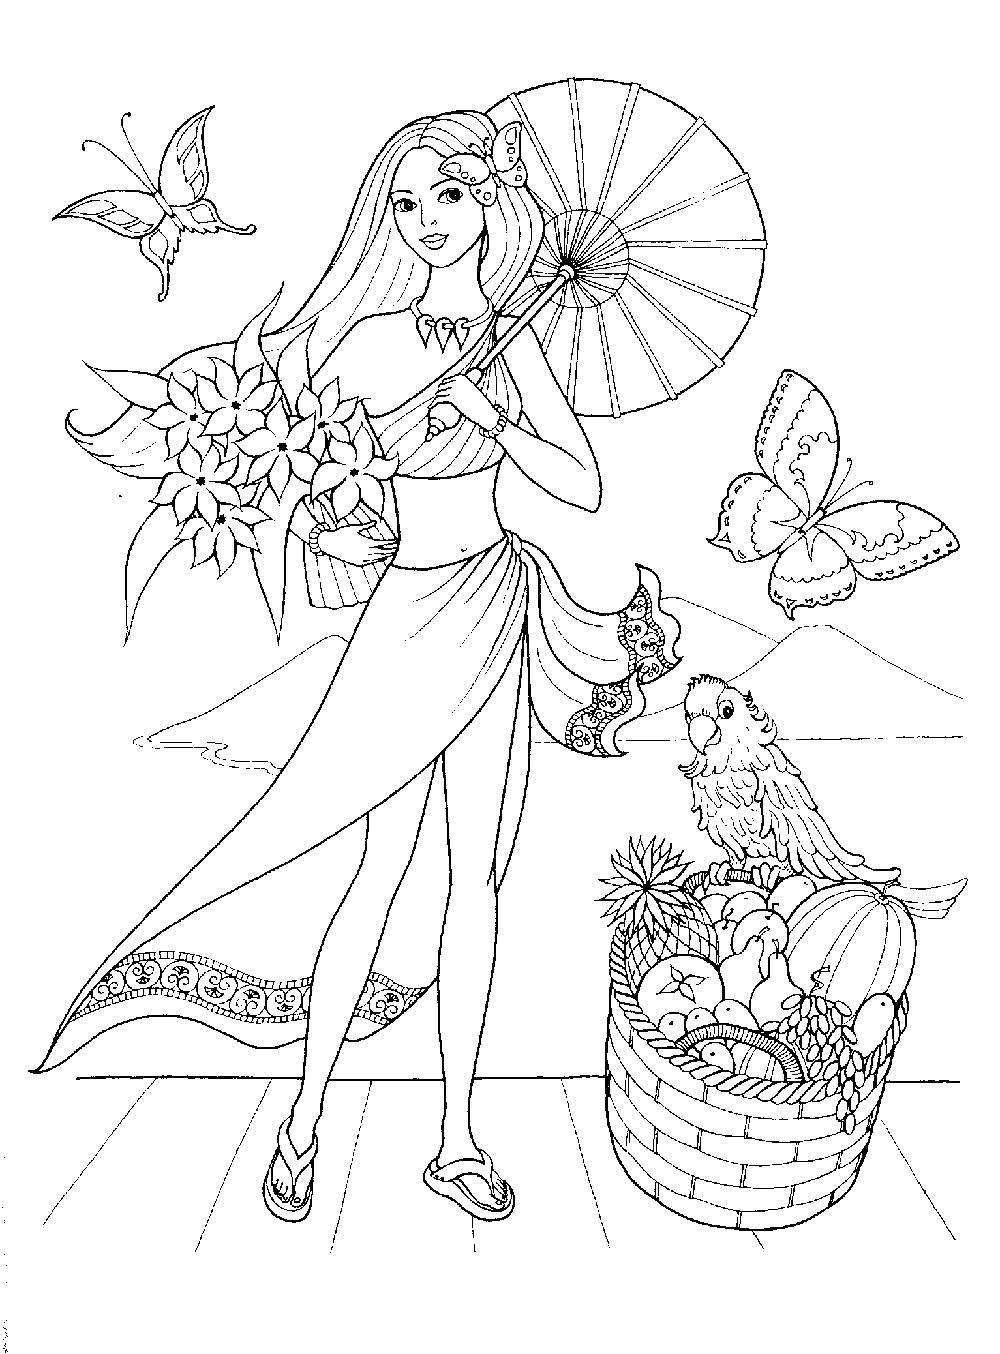 Девушка с зонтиком и цветами Раскраски с цветами распечатать бесплатно